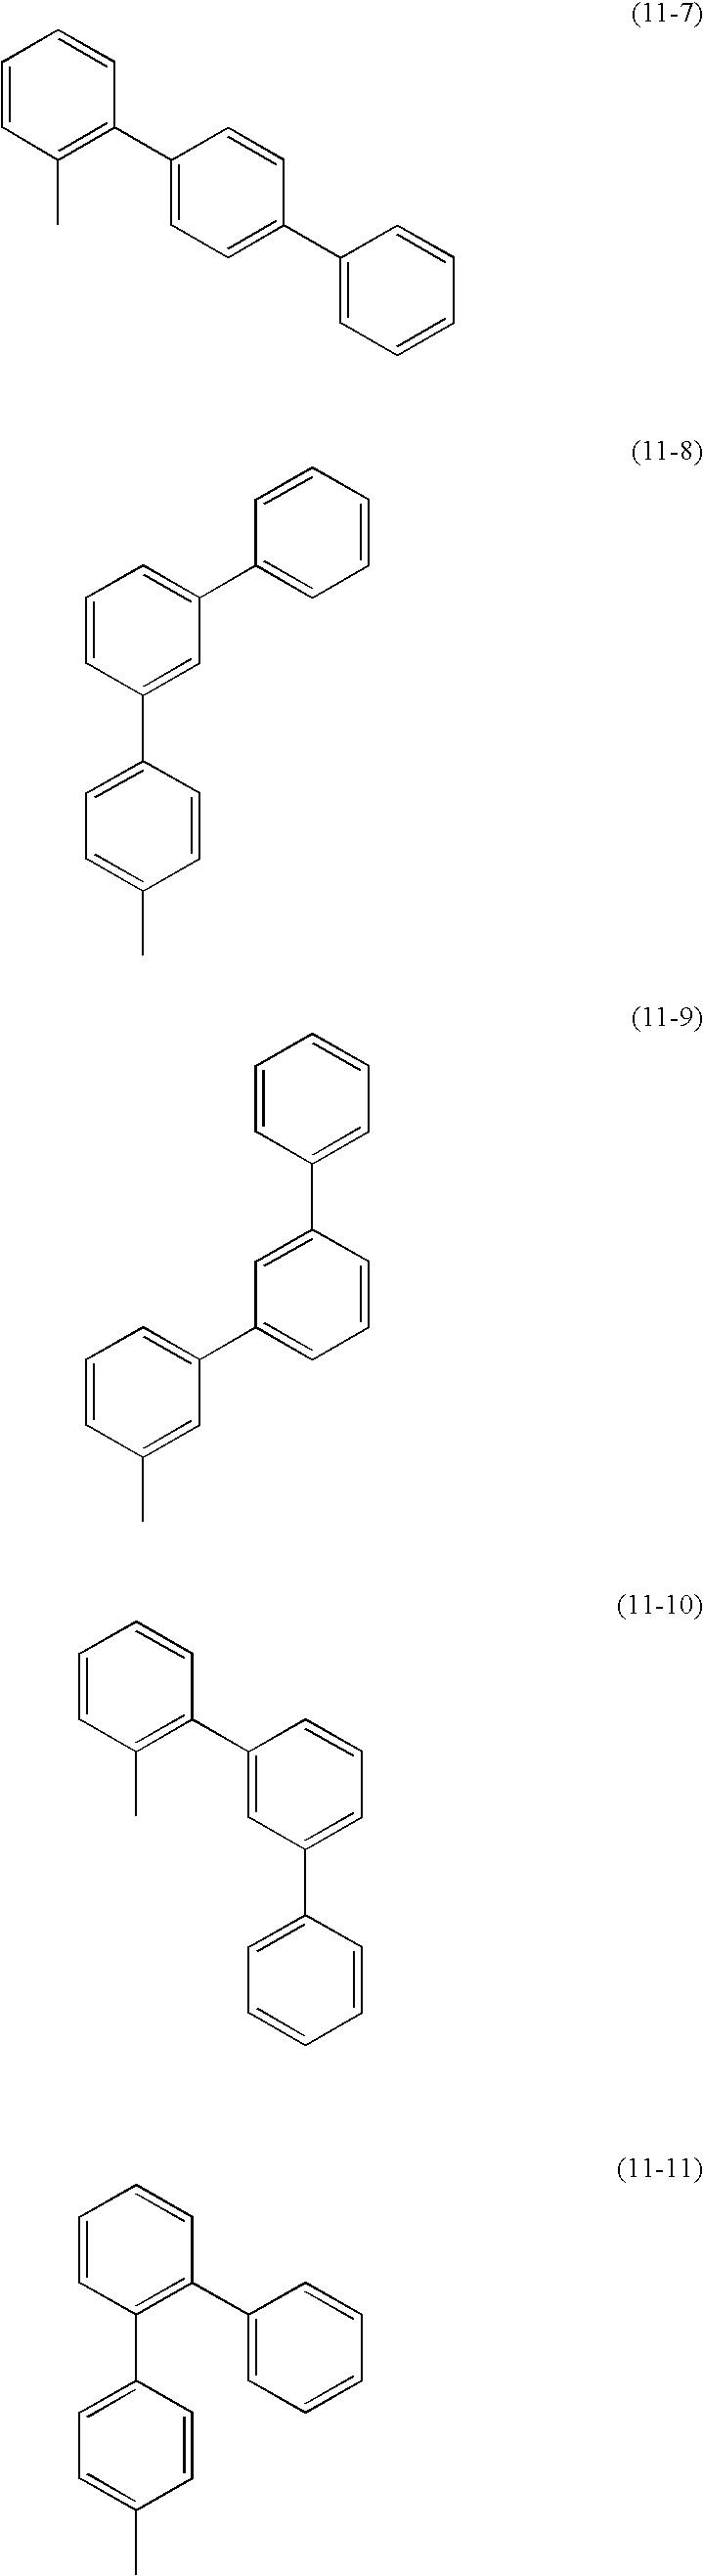 Figure US08178216-20120515-C00013